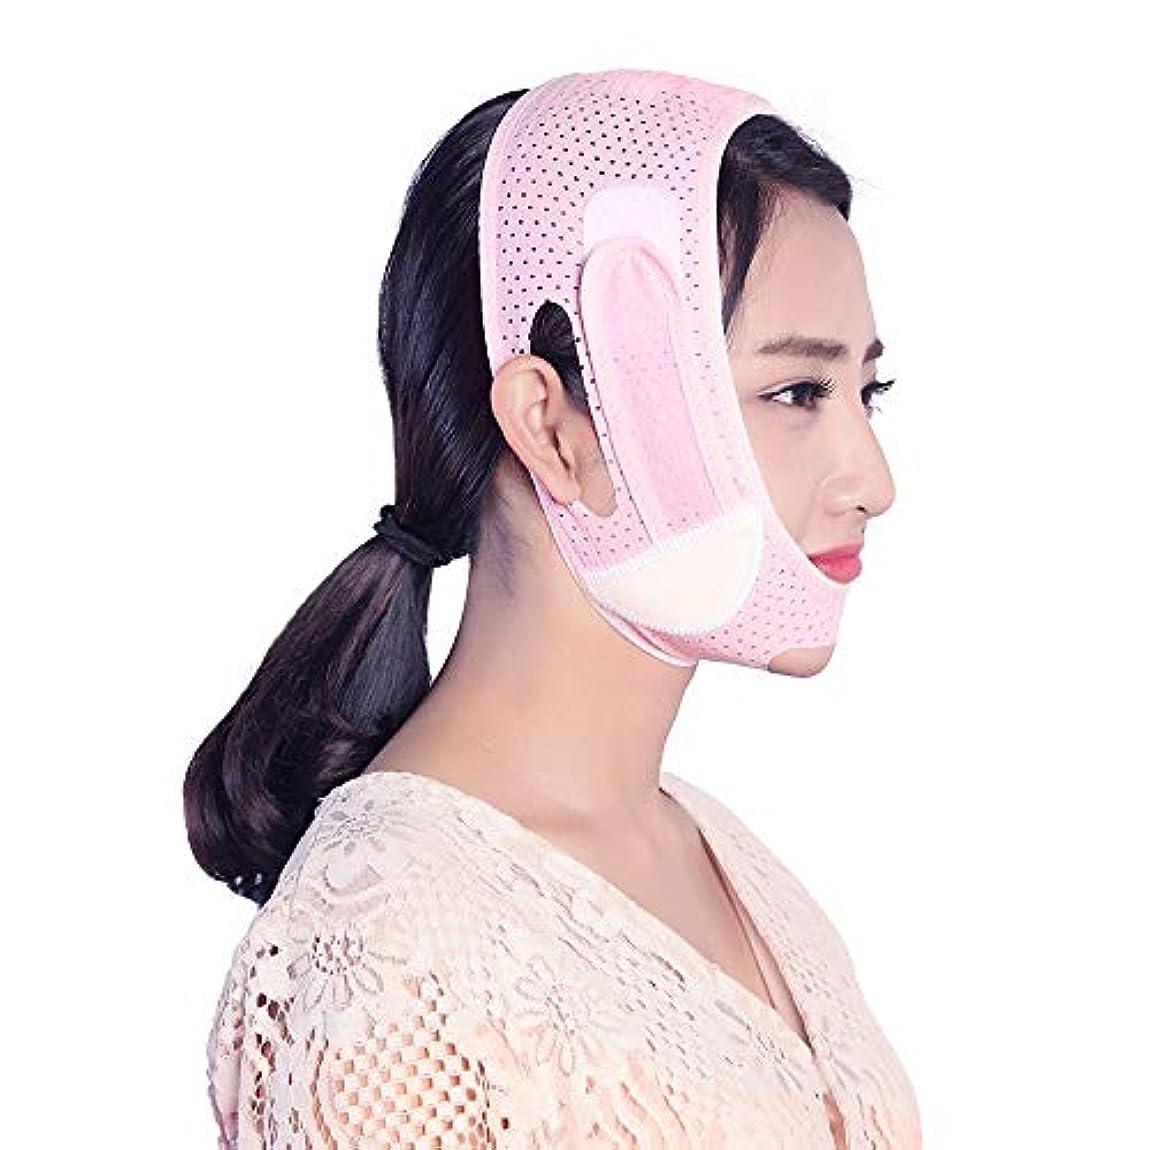 含む封建お嬢GYZ 睡眠薄い顔パッチ包帯吊り上げプルv顔引き締めどころアーティファクト判決パターン二重あご薄いマッセルマスク - ピンク Thin Face Belt